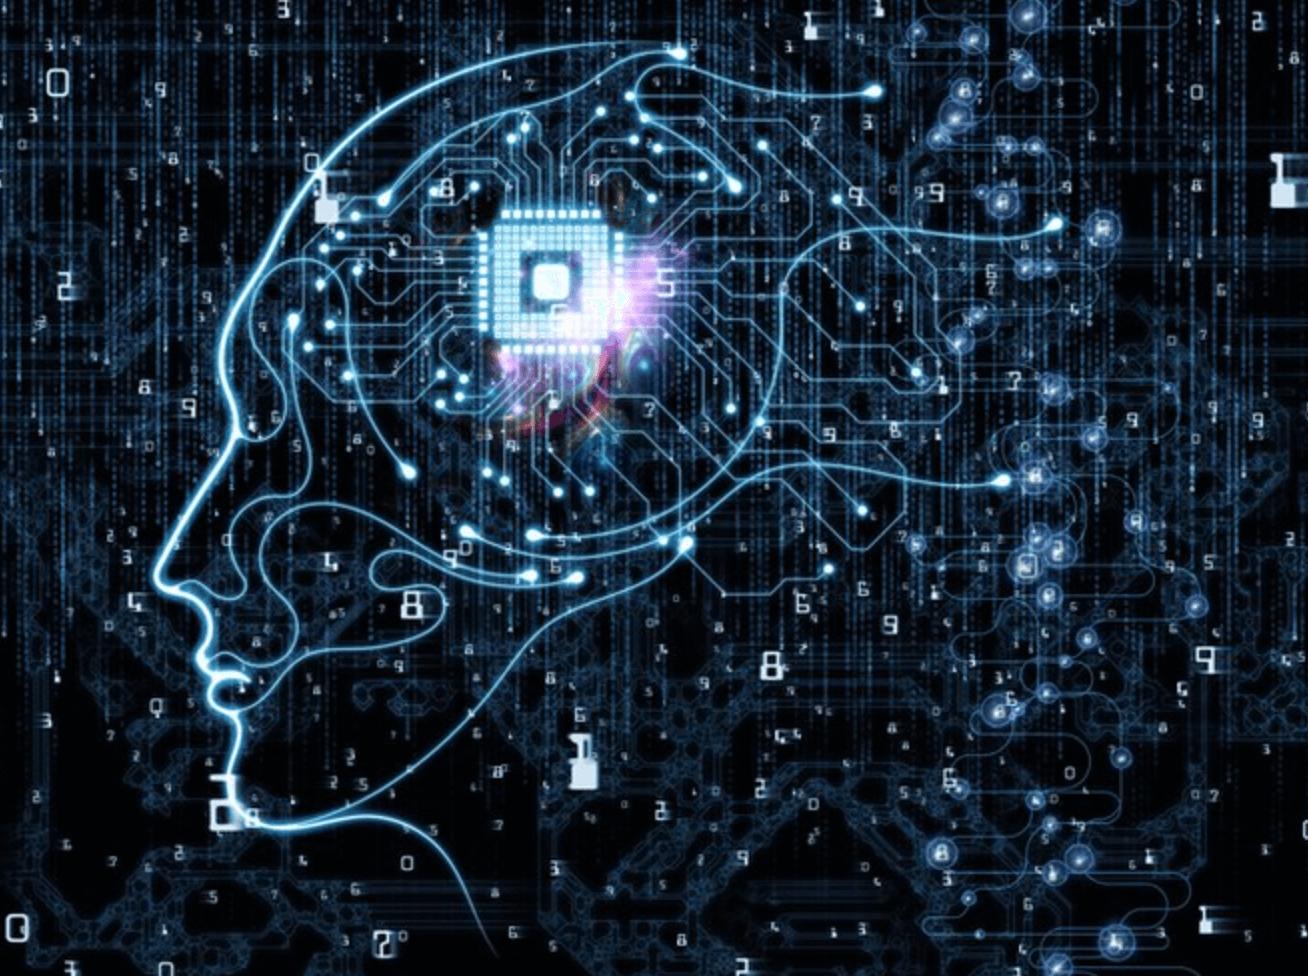 Künstliche Intelligenz: Fluch oder Segen? - YouGov hat nachgefragt